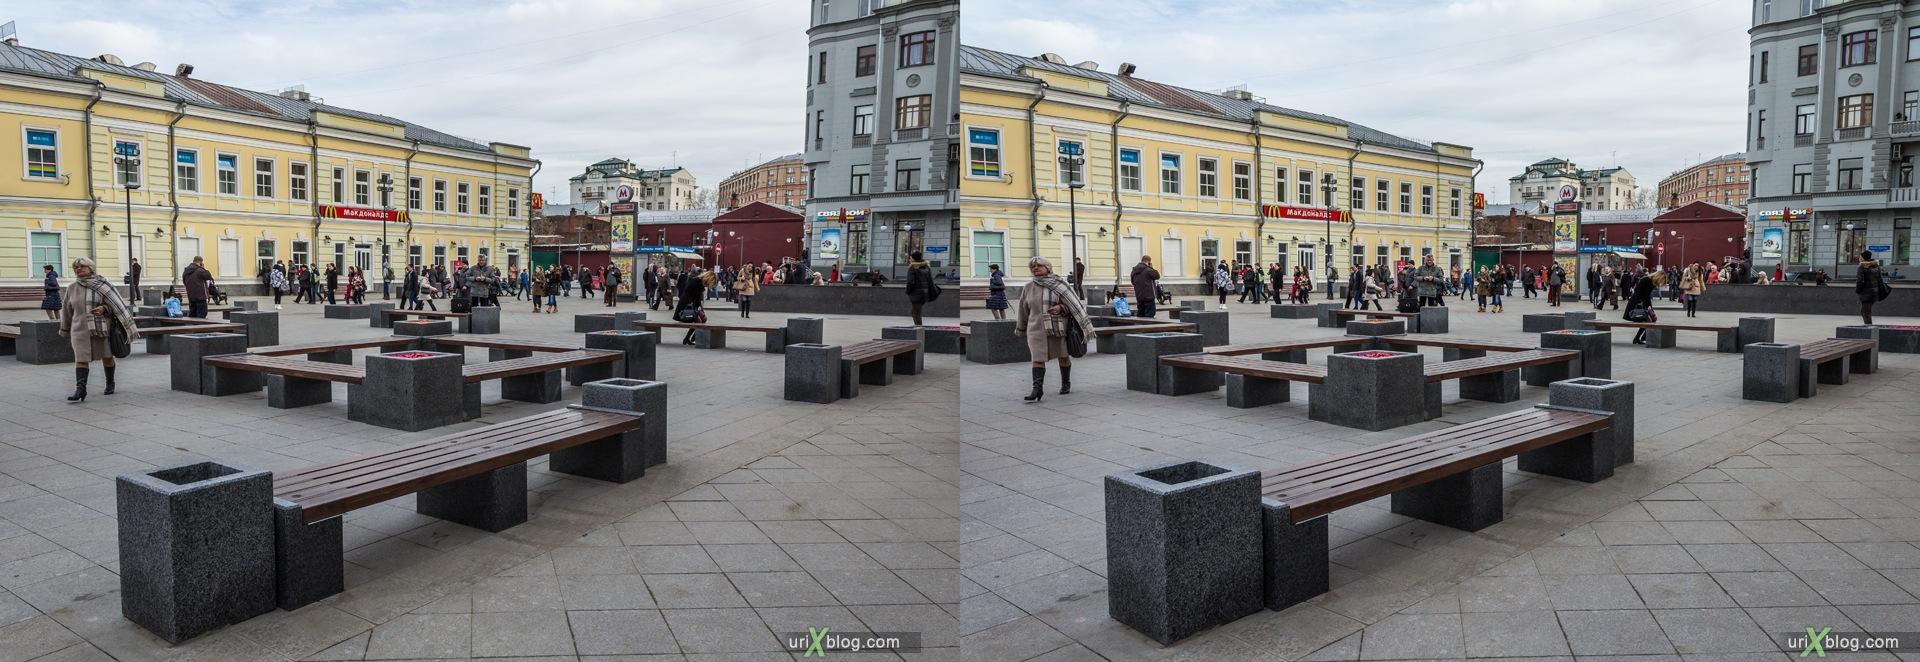 2013, Москва, Россия, Третьяковская, метро, площадь, новые пешеходные зоны, осень, 3D, перекрёстная стереопара, стерео, стереопара